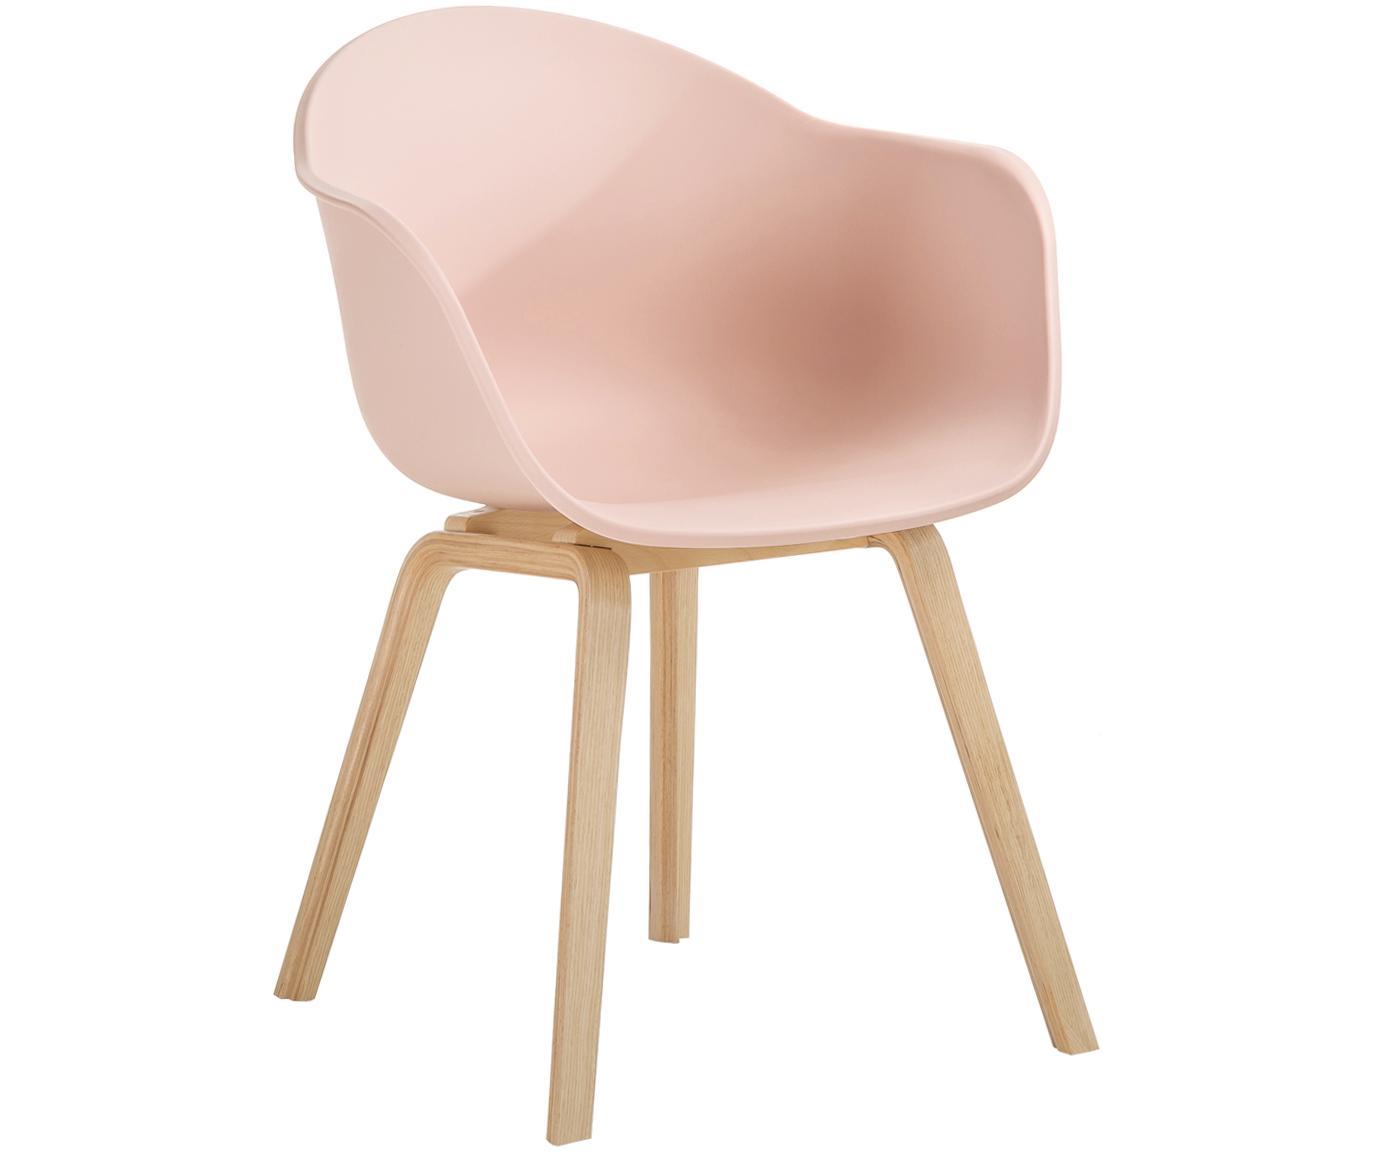 Sedia con braccioli e gambe in legno Claire, Seduta: materiale sintetico, Gambe: legno di faggio, Seduta: rosa Gambe: legno di faggio, Larg. 61 x Prof. 58 cm